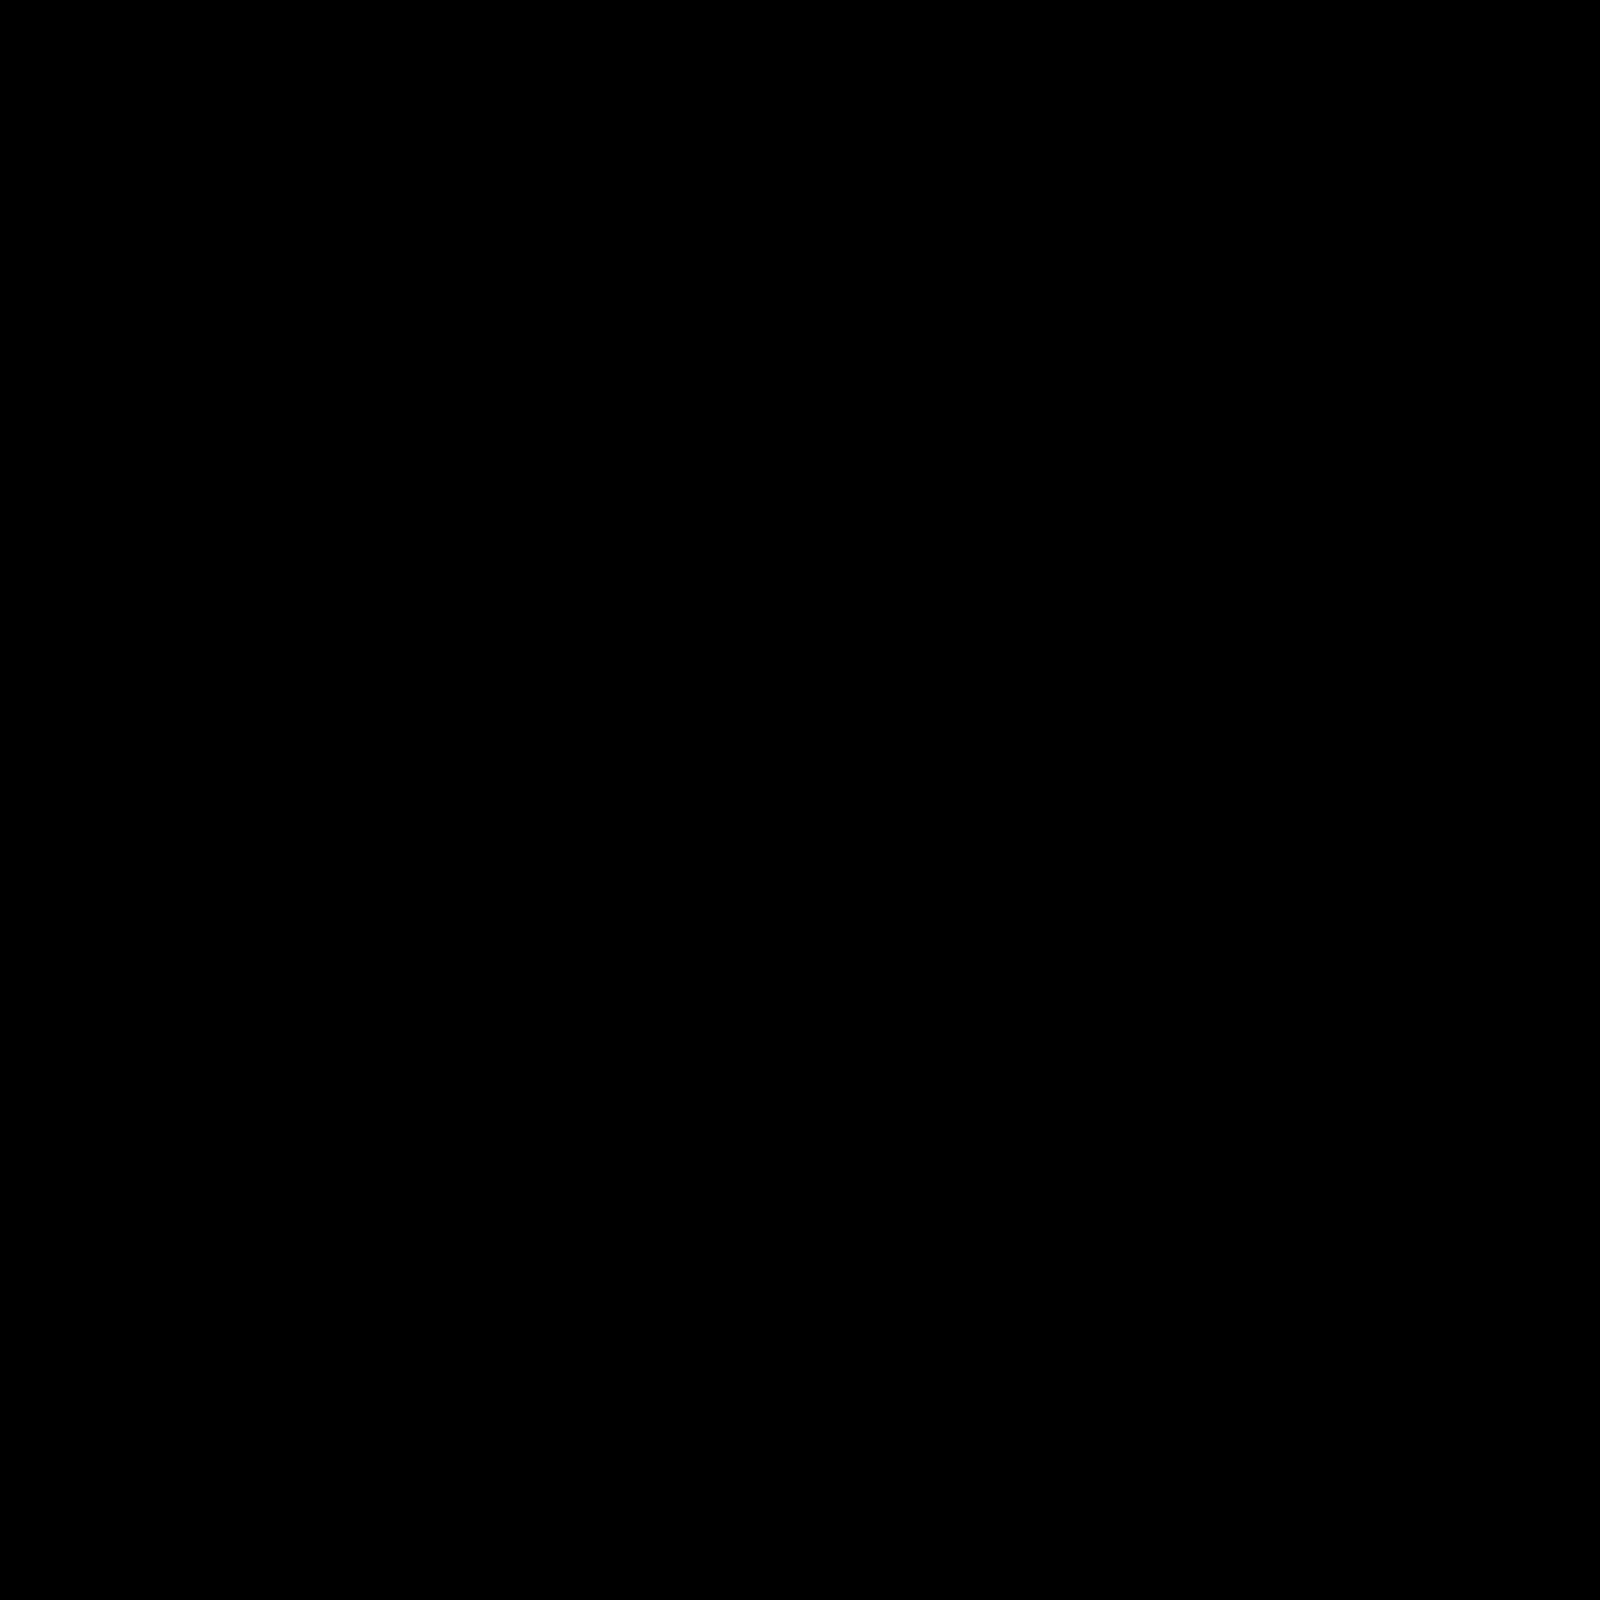 1600x1600 Time Icon